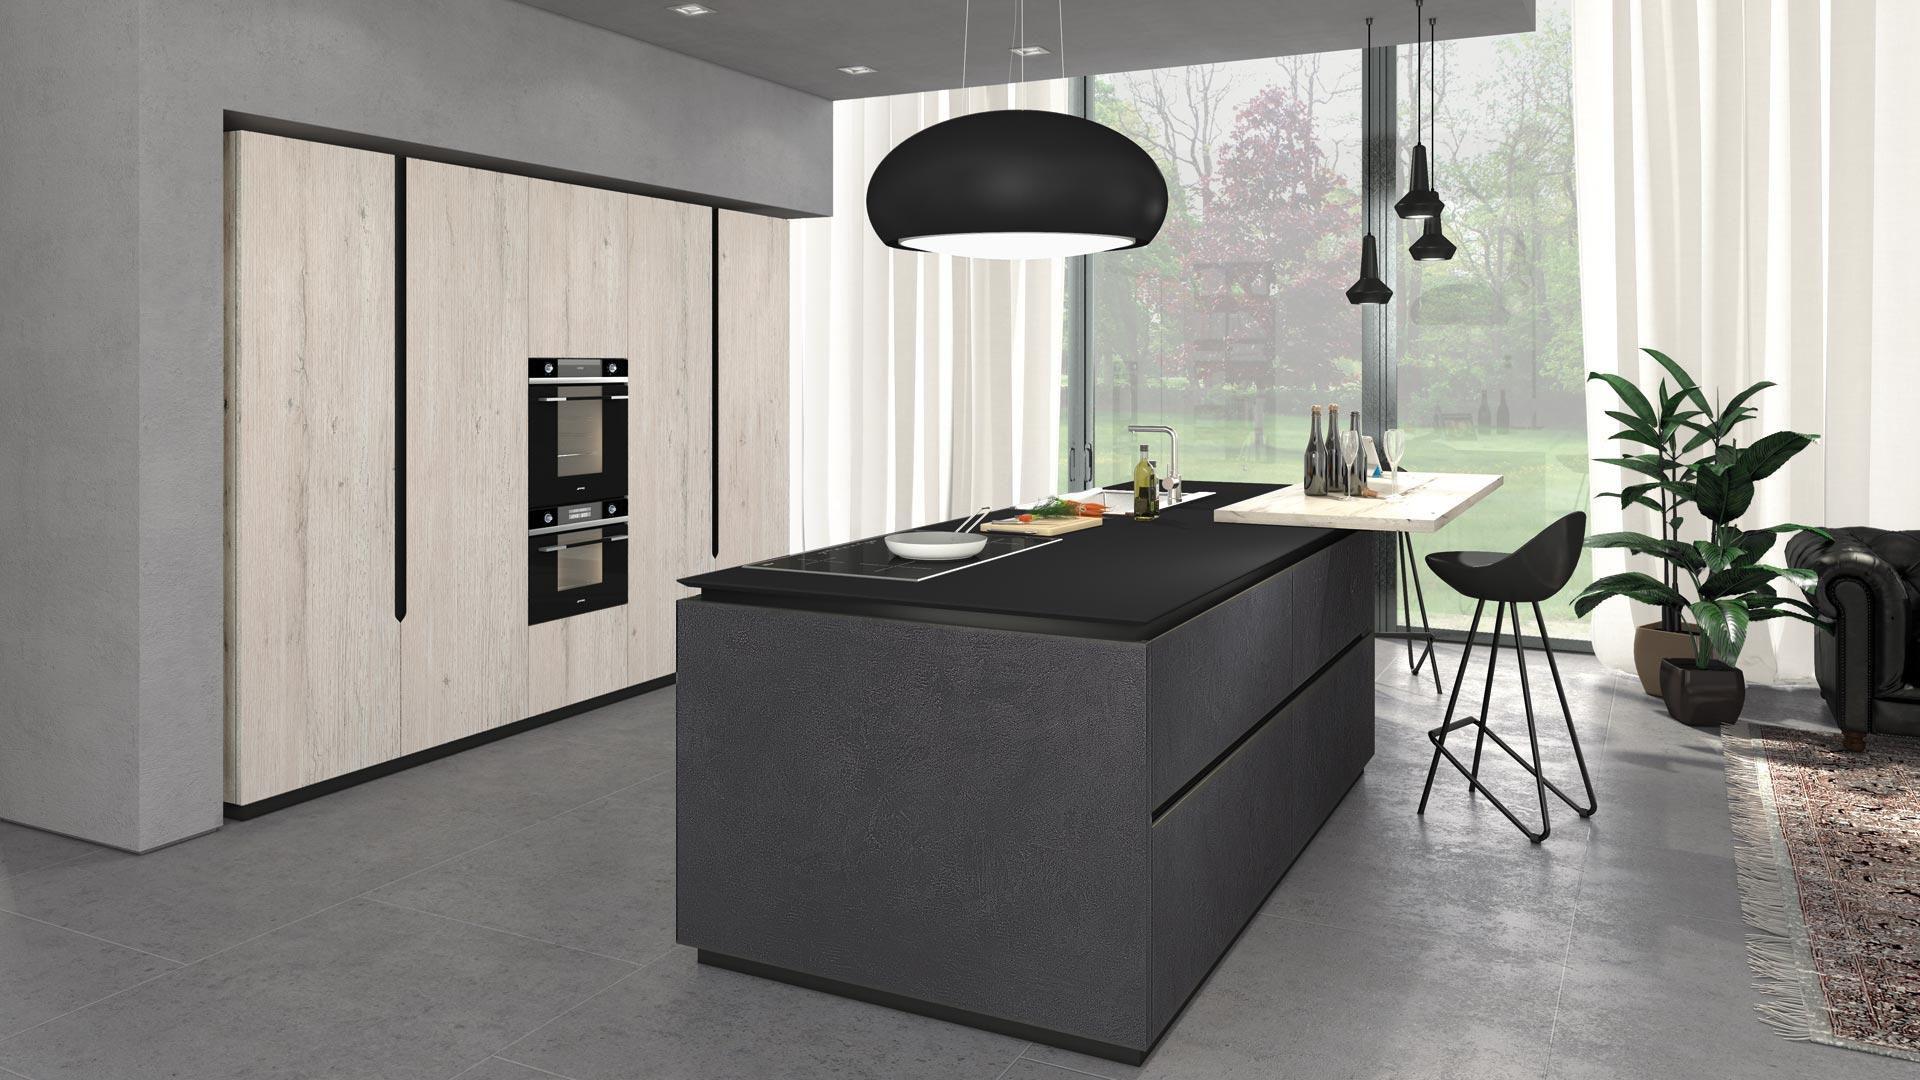 Cucina moderna / in legno / con isola / opaca - OLTRE - CUCINE LUBE